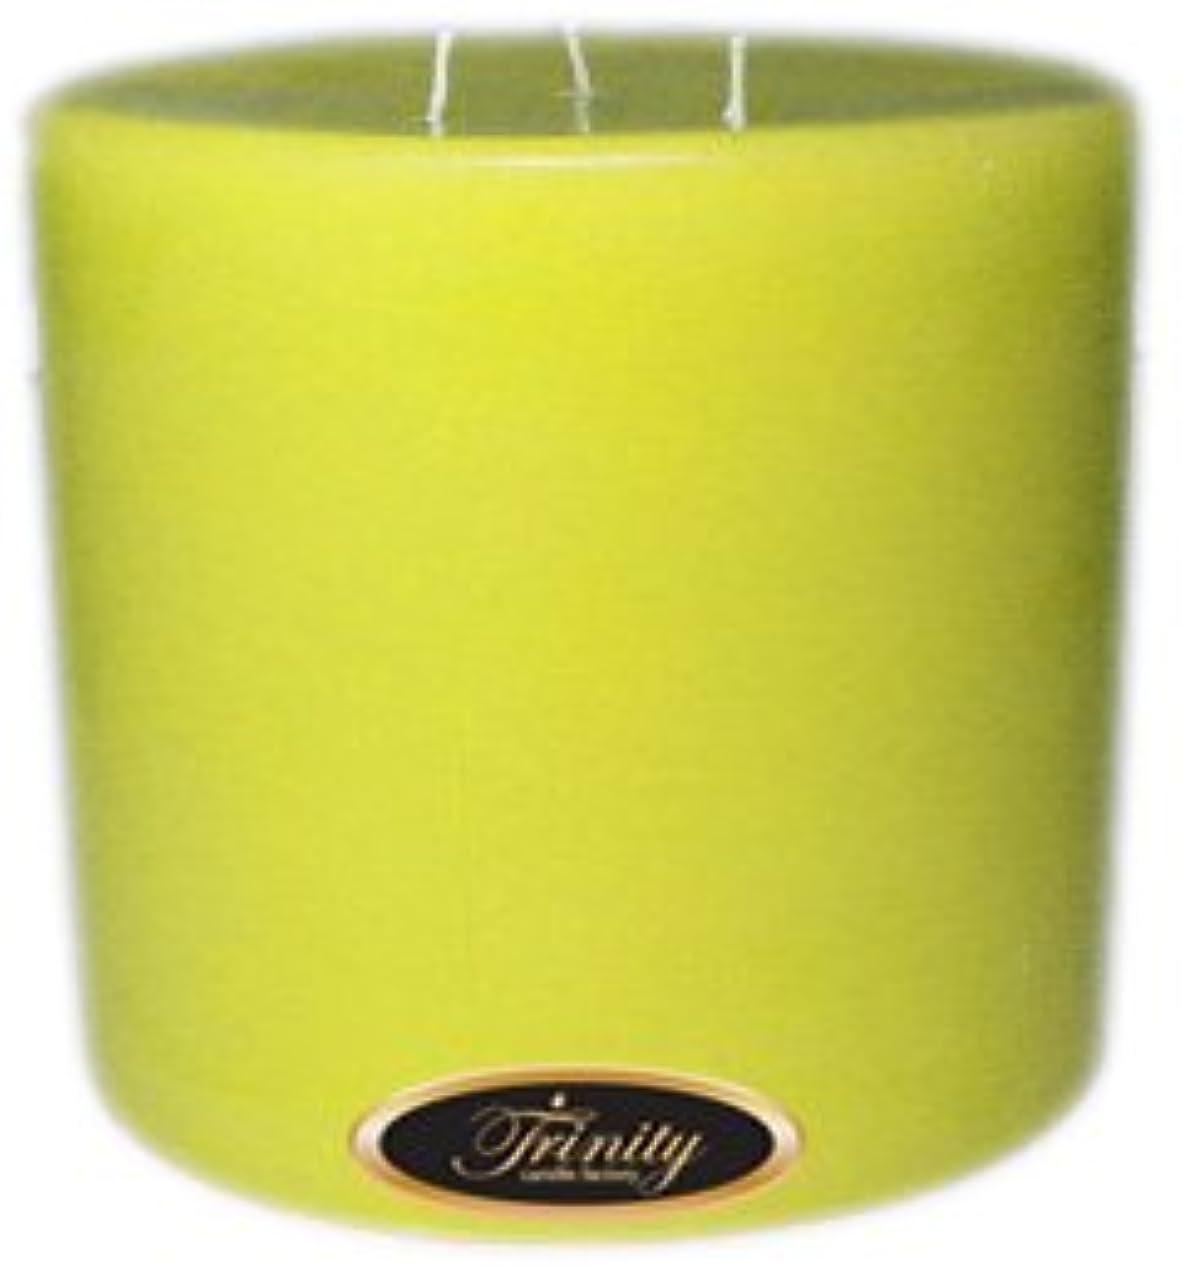 ギャロップグラム学生Trinity Candle工場 – レモンシフォン – Pillar Candle – 6 x 6